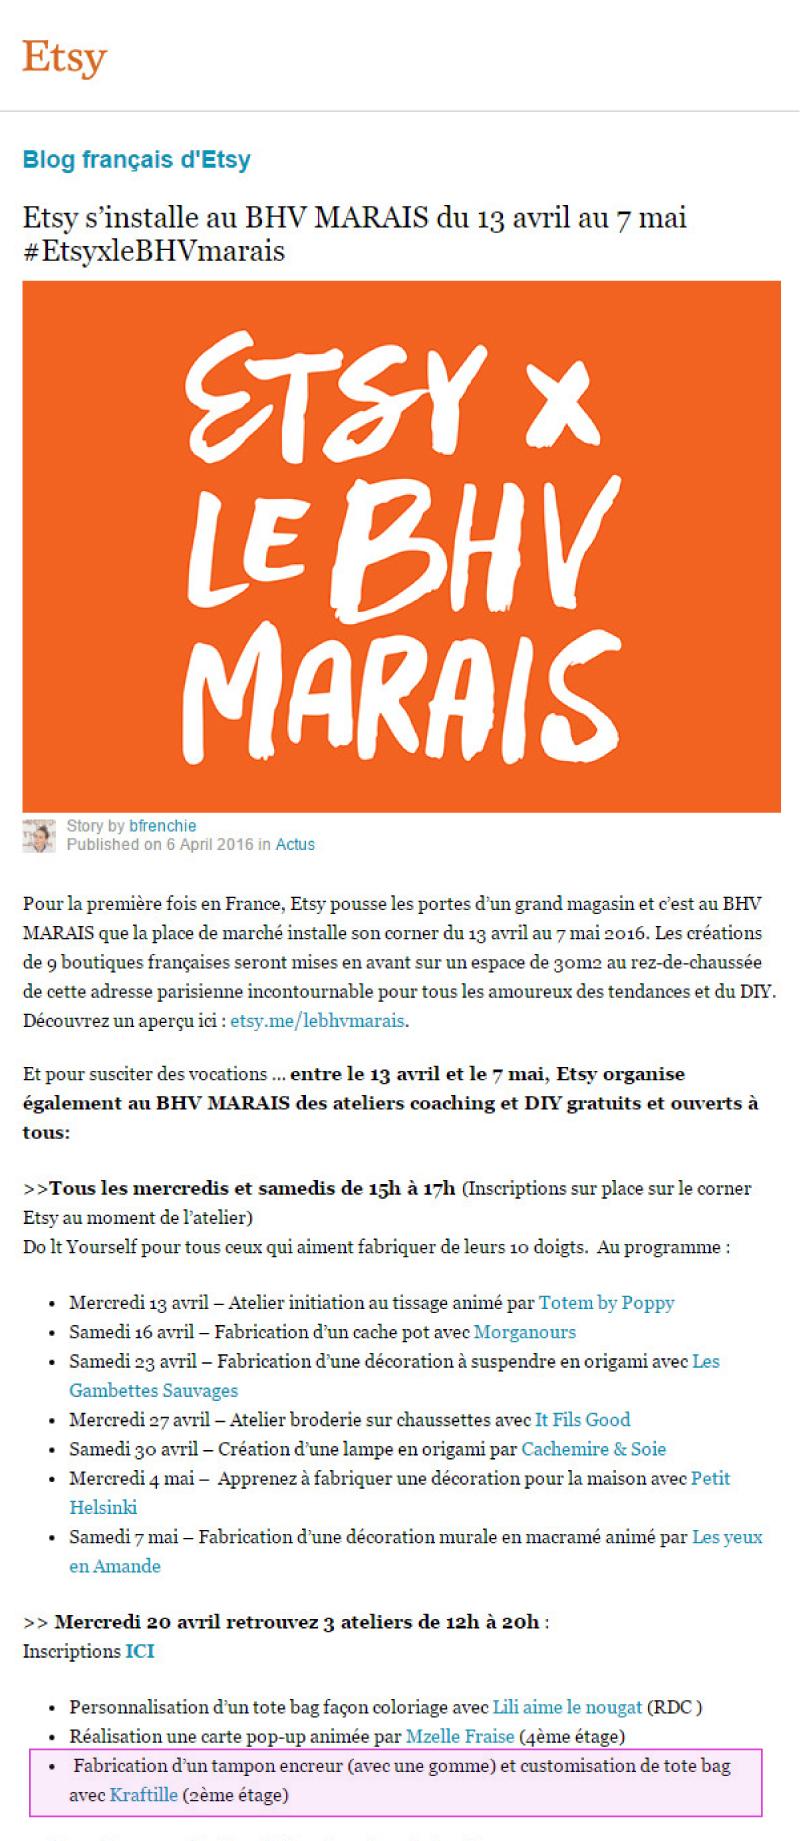 BHV Marais x Etsy - Animation d'un atelier de gravure de tampon en gomme par Kraftille